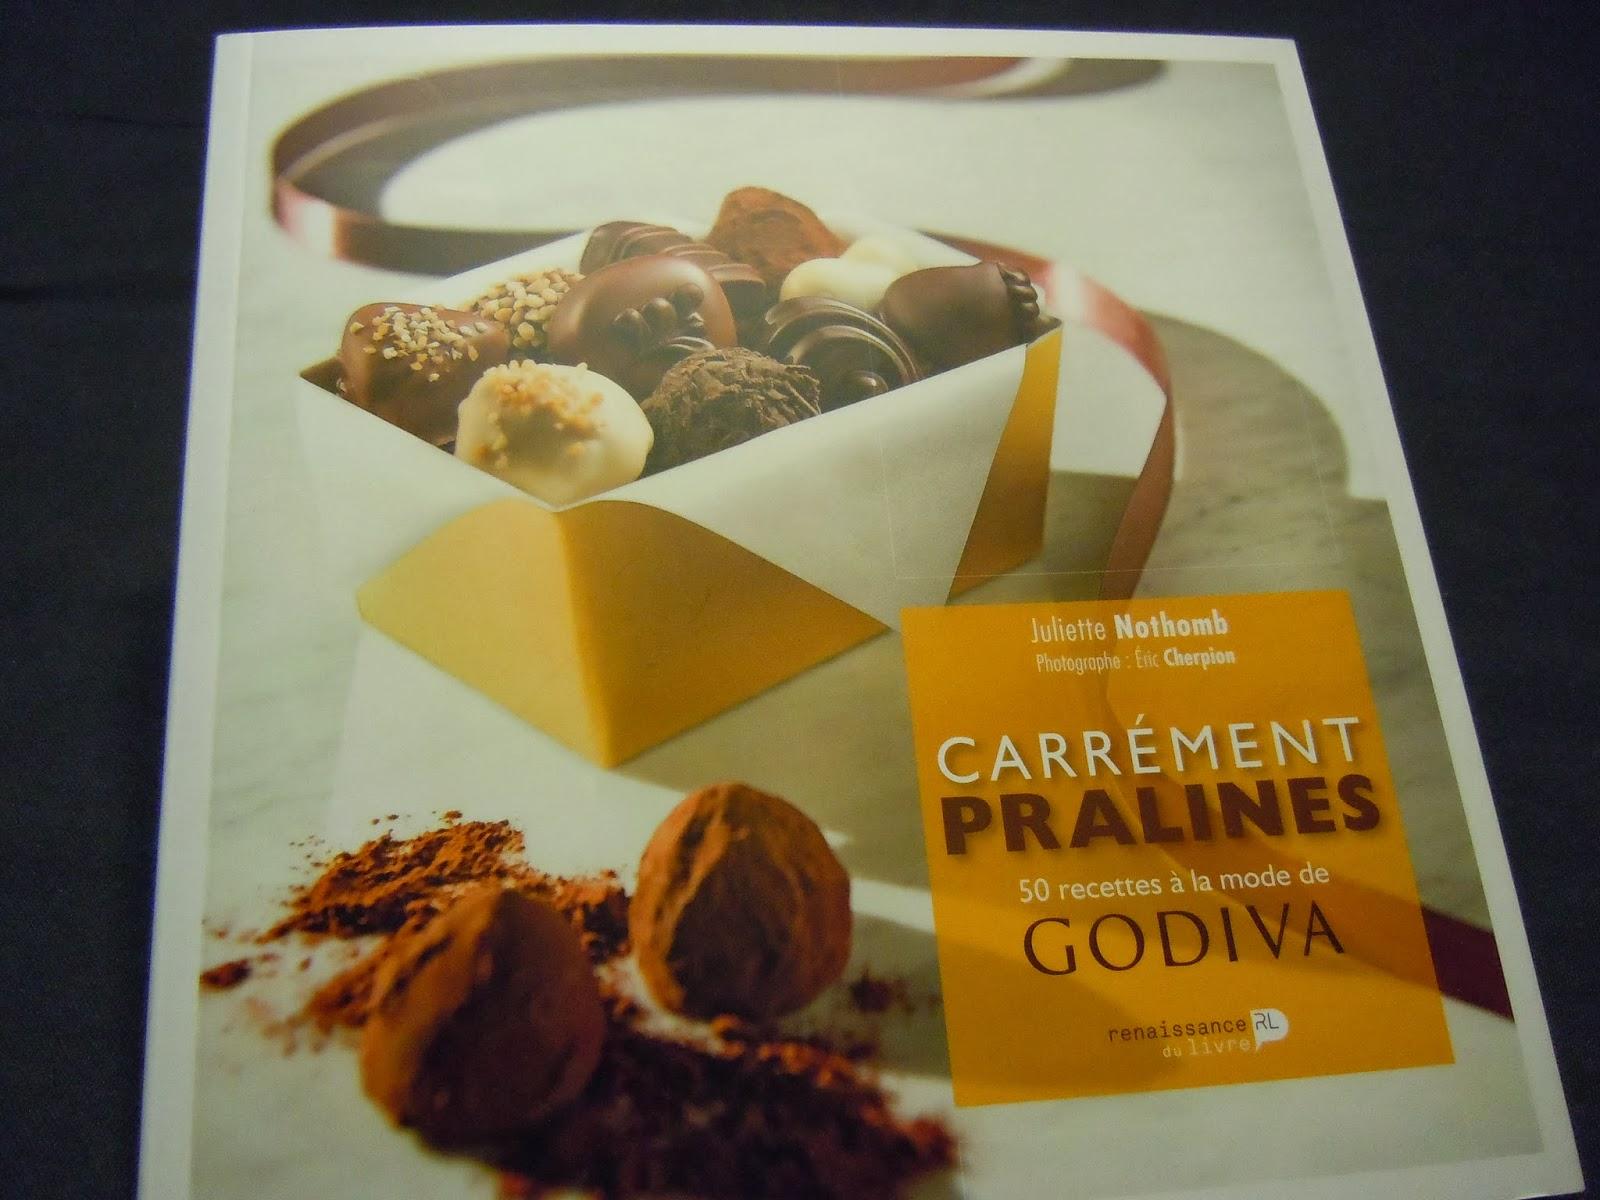 Carrément pralines Godiva et Juliette Nothomb